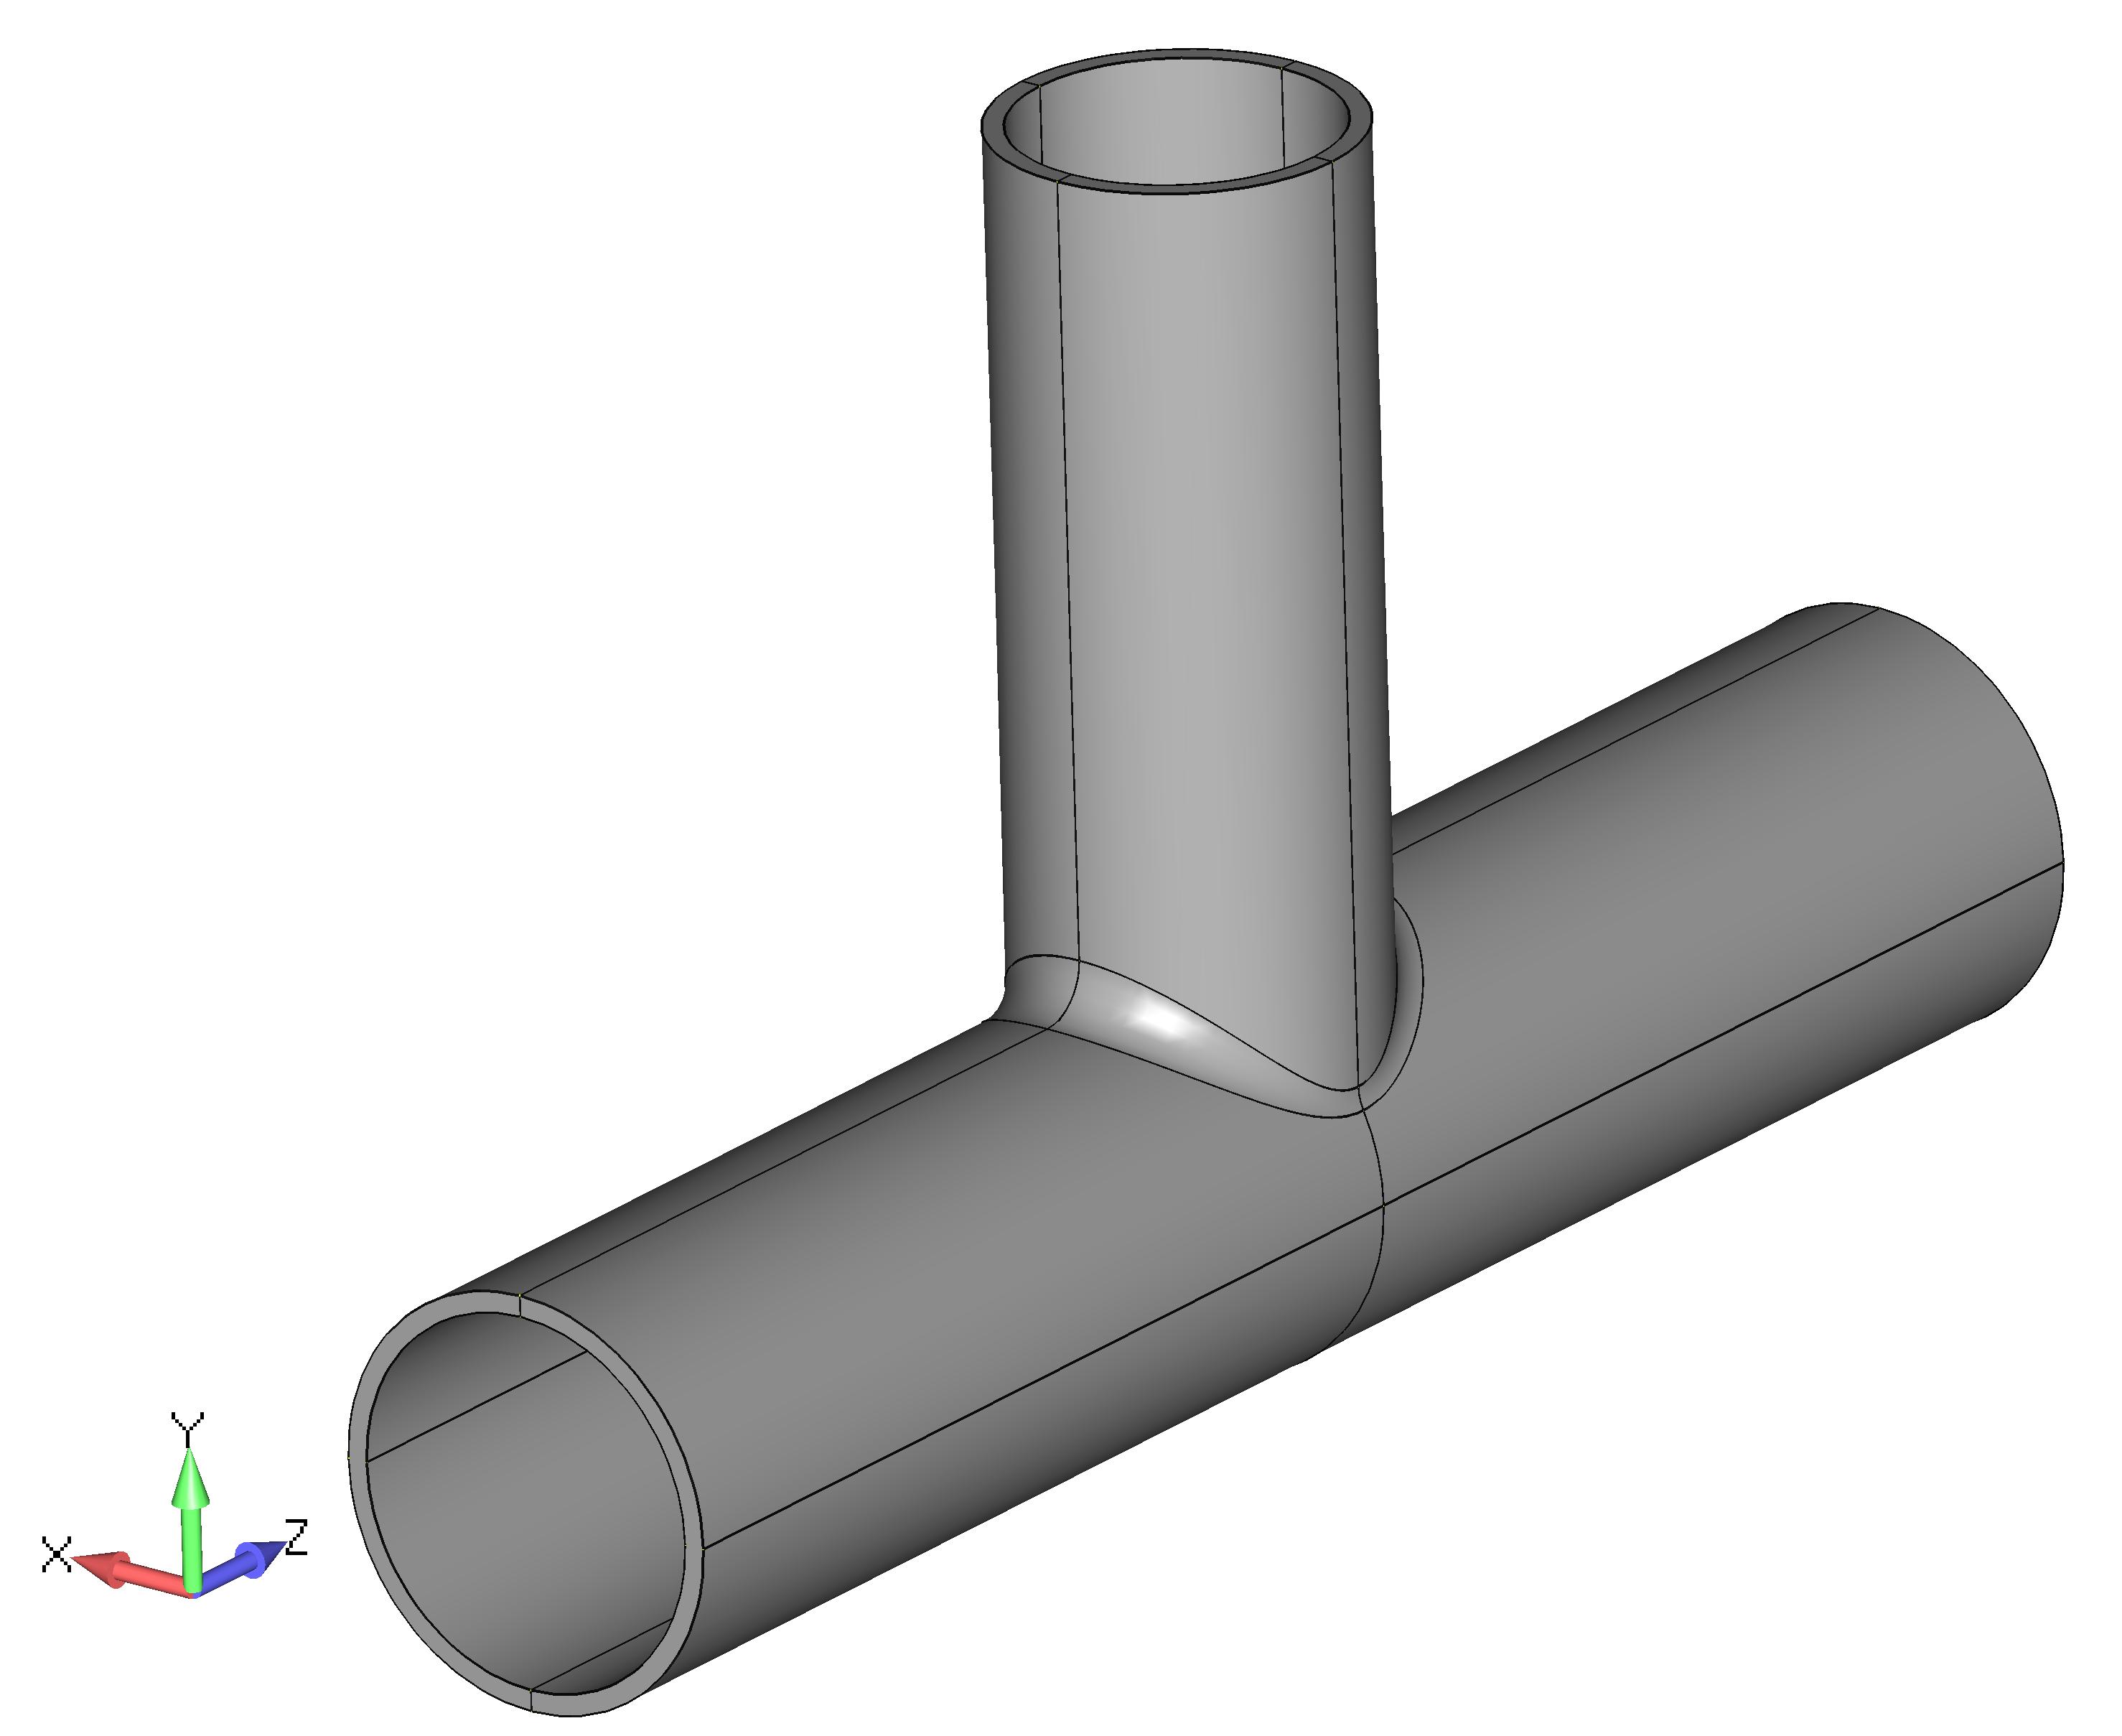 Femap NX Nastran обрезка модели сварной трубы